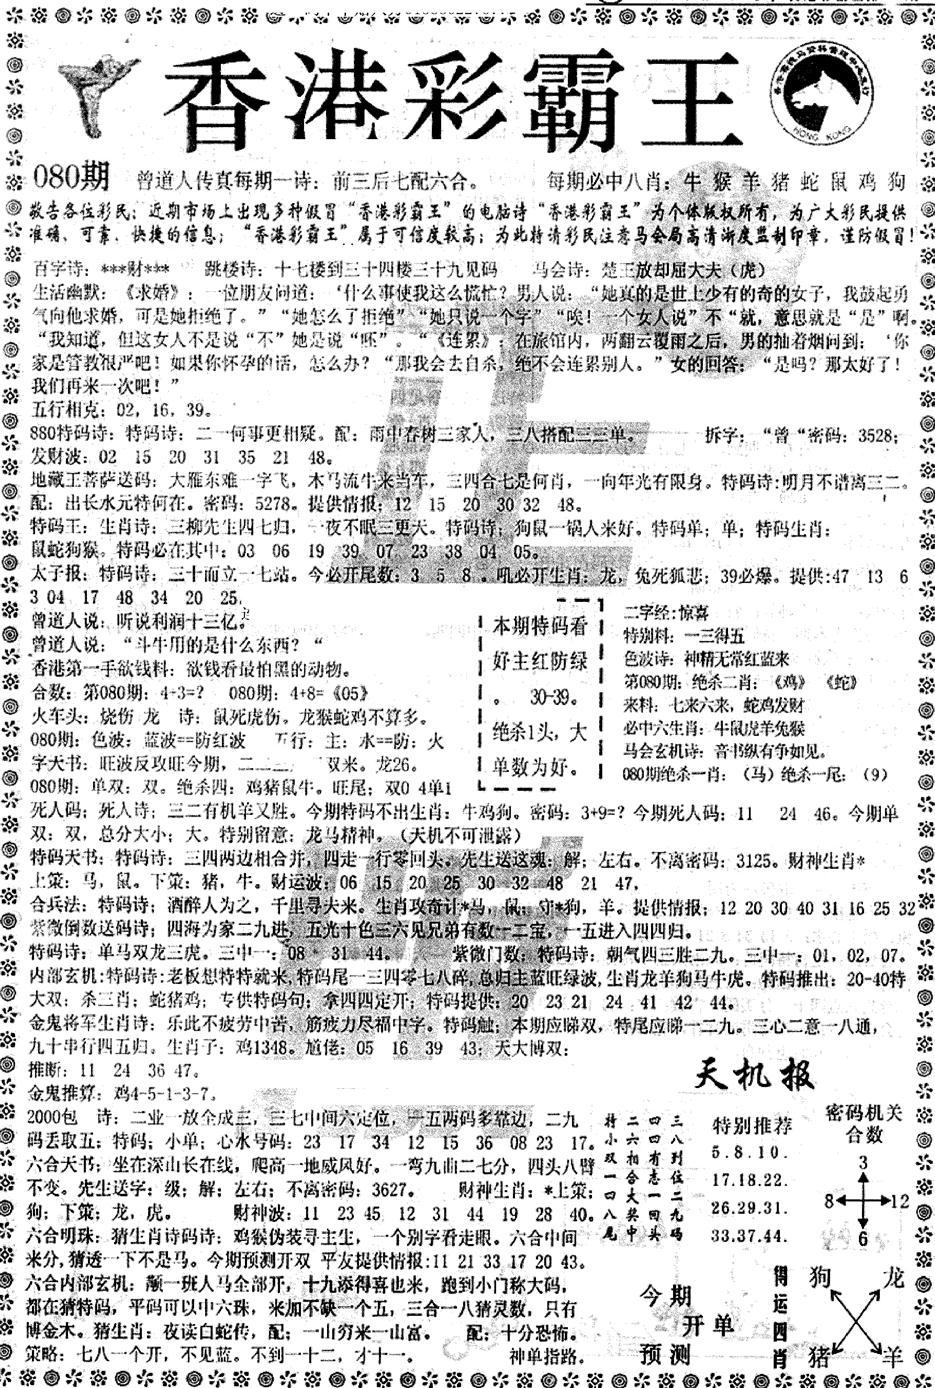 080期平西版彩霸王A(黑白)